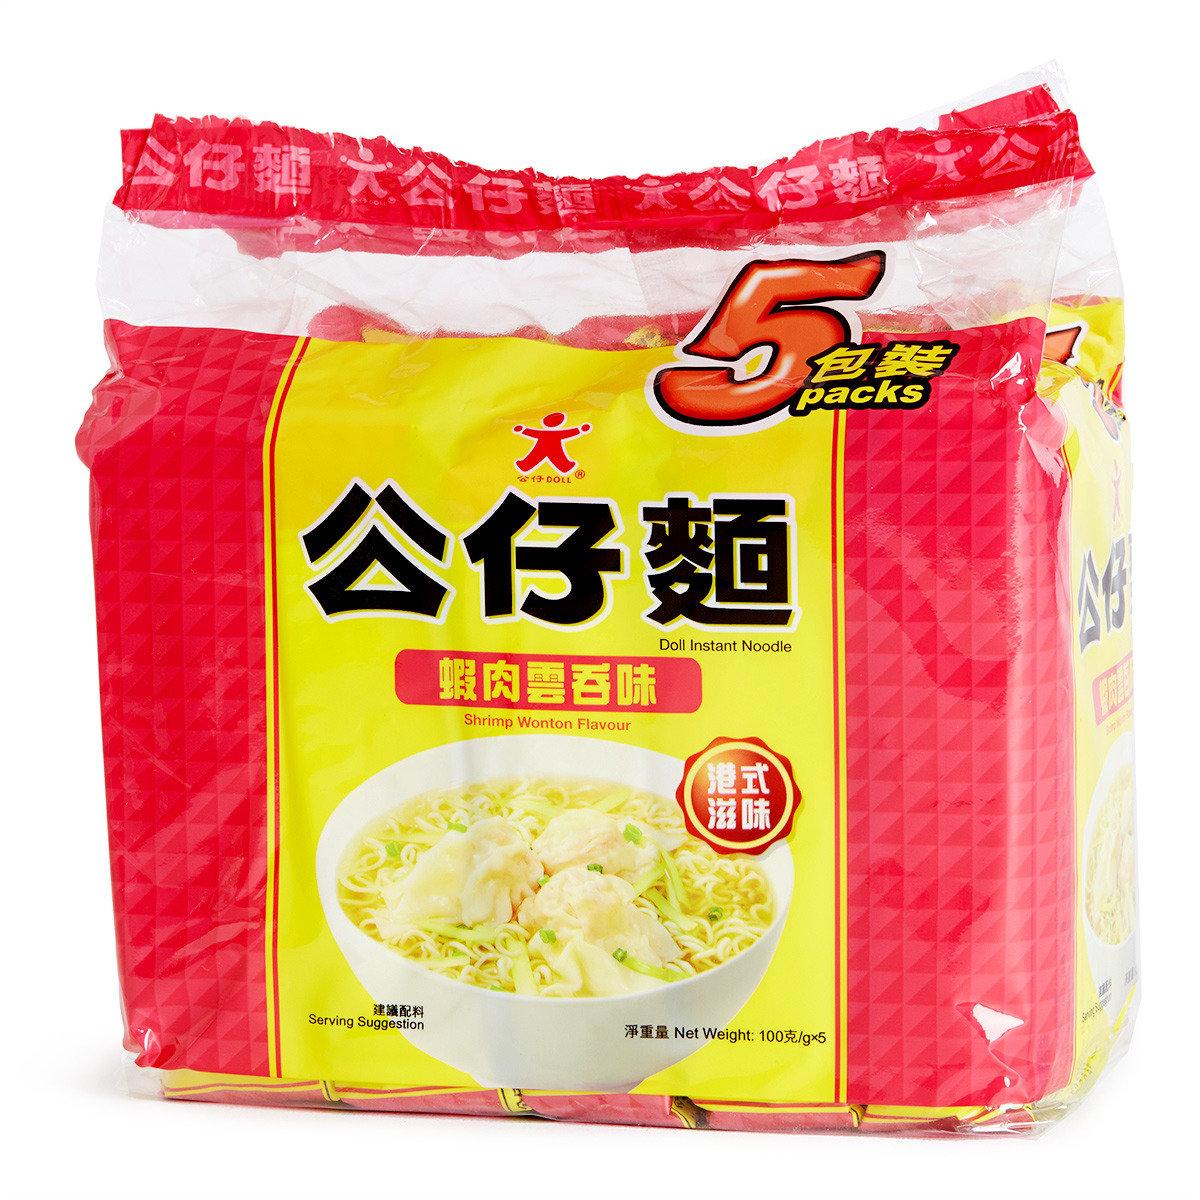 鮮蝦雲吞公仔麵